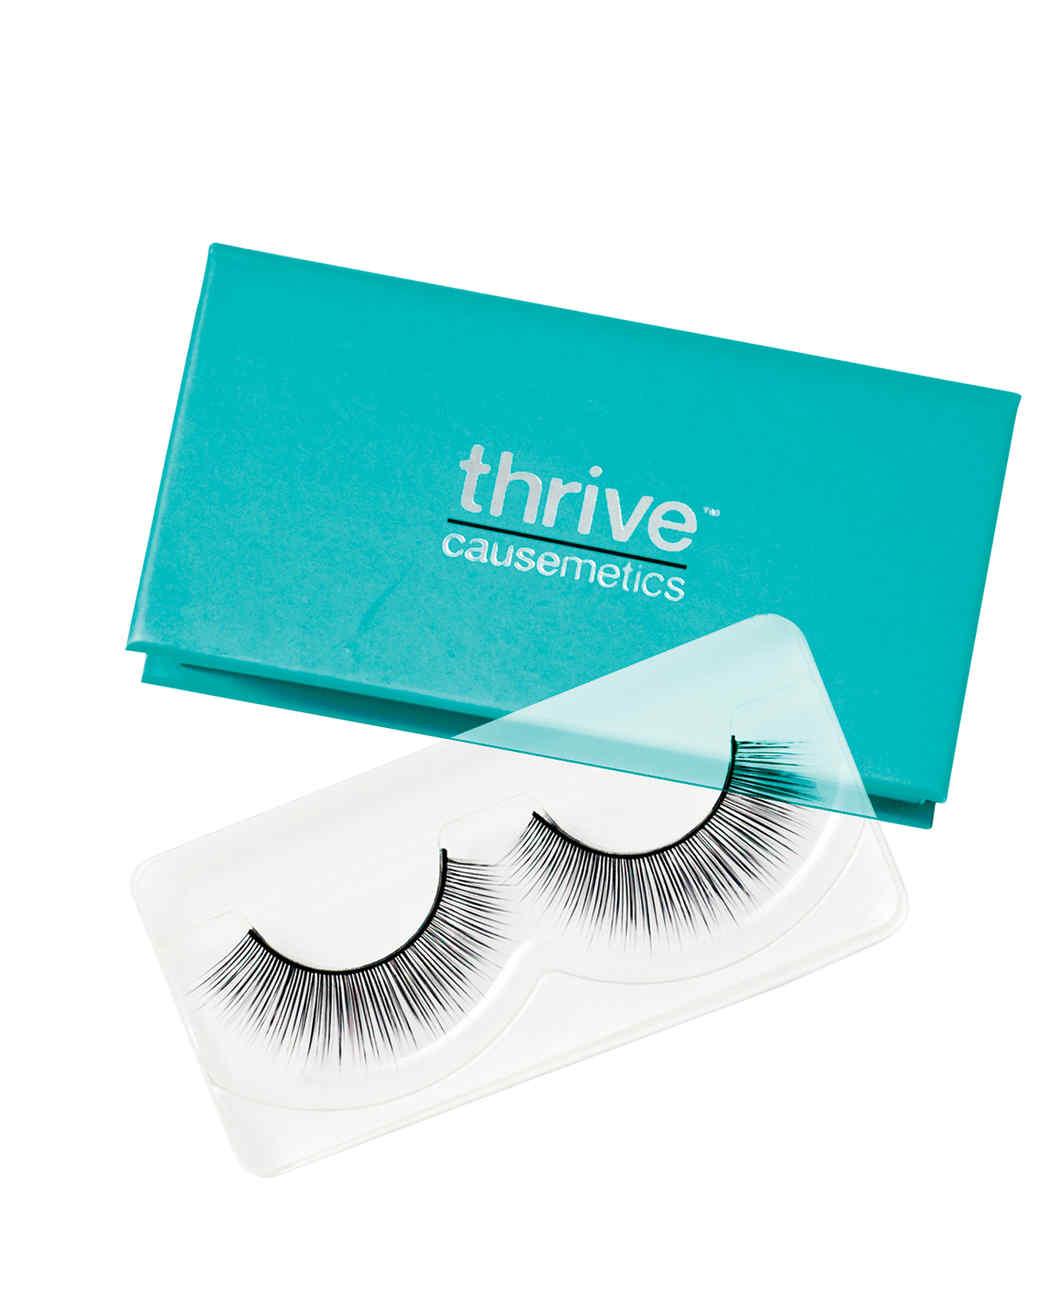 thrive-causemetics-false-eyelashes-071-d112618.jpg